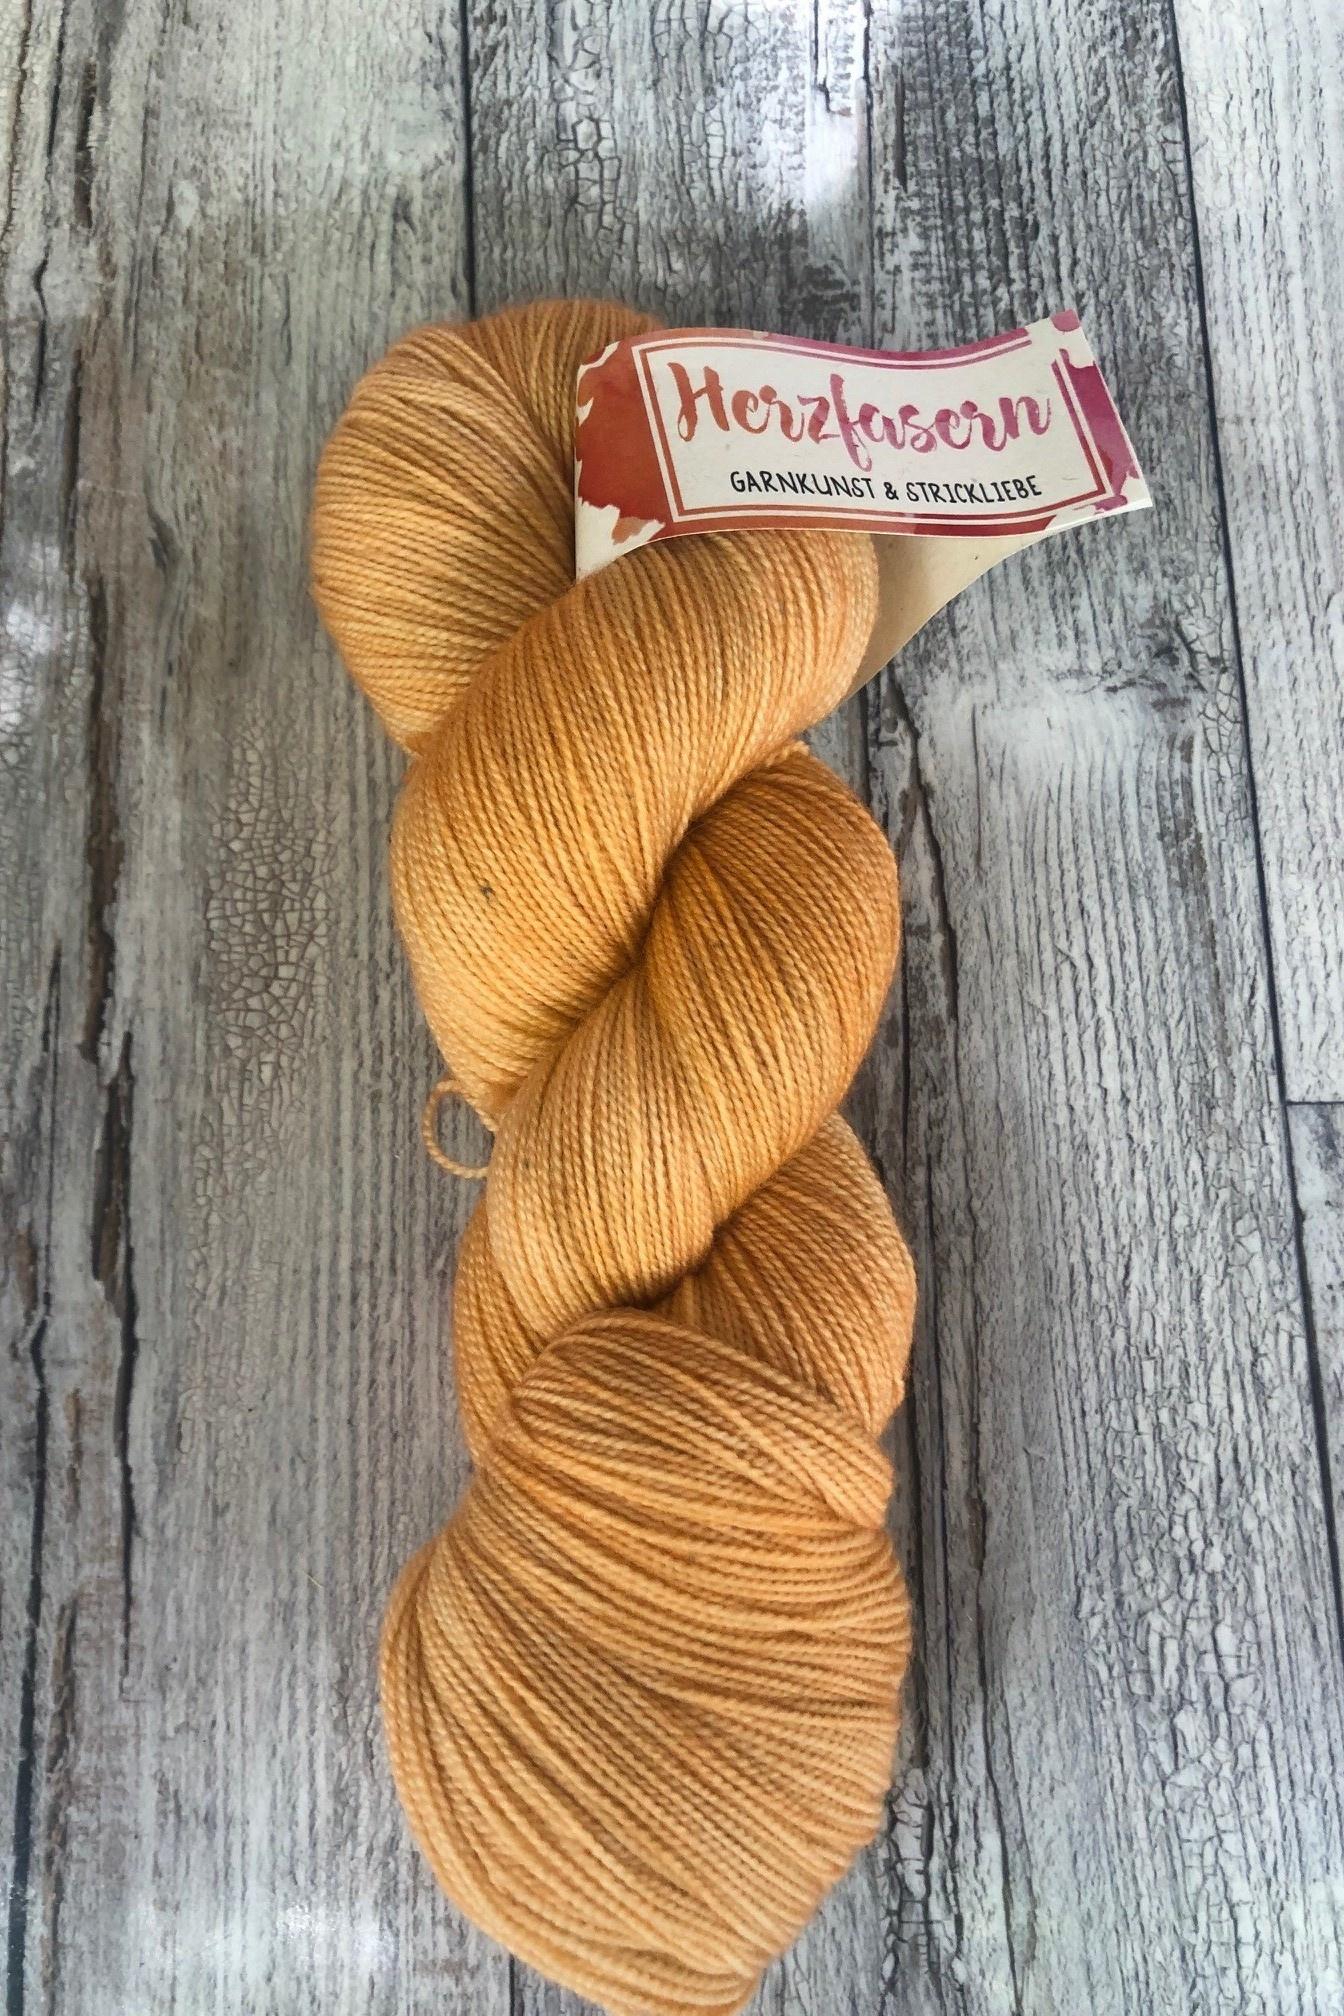 Herzfasern Lace Merino 600 -Cocolint - Apricot